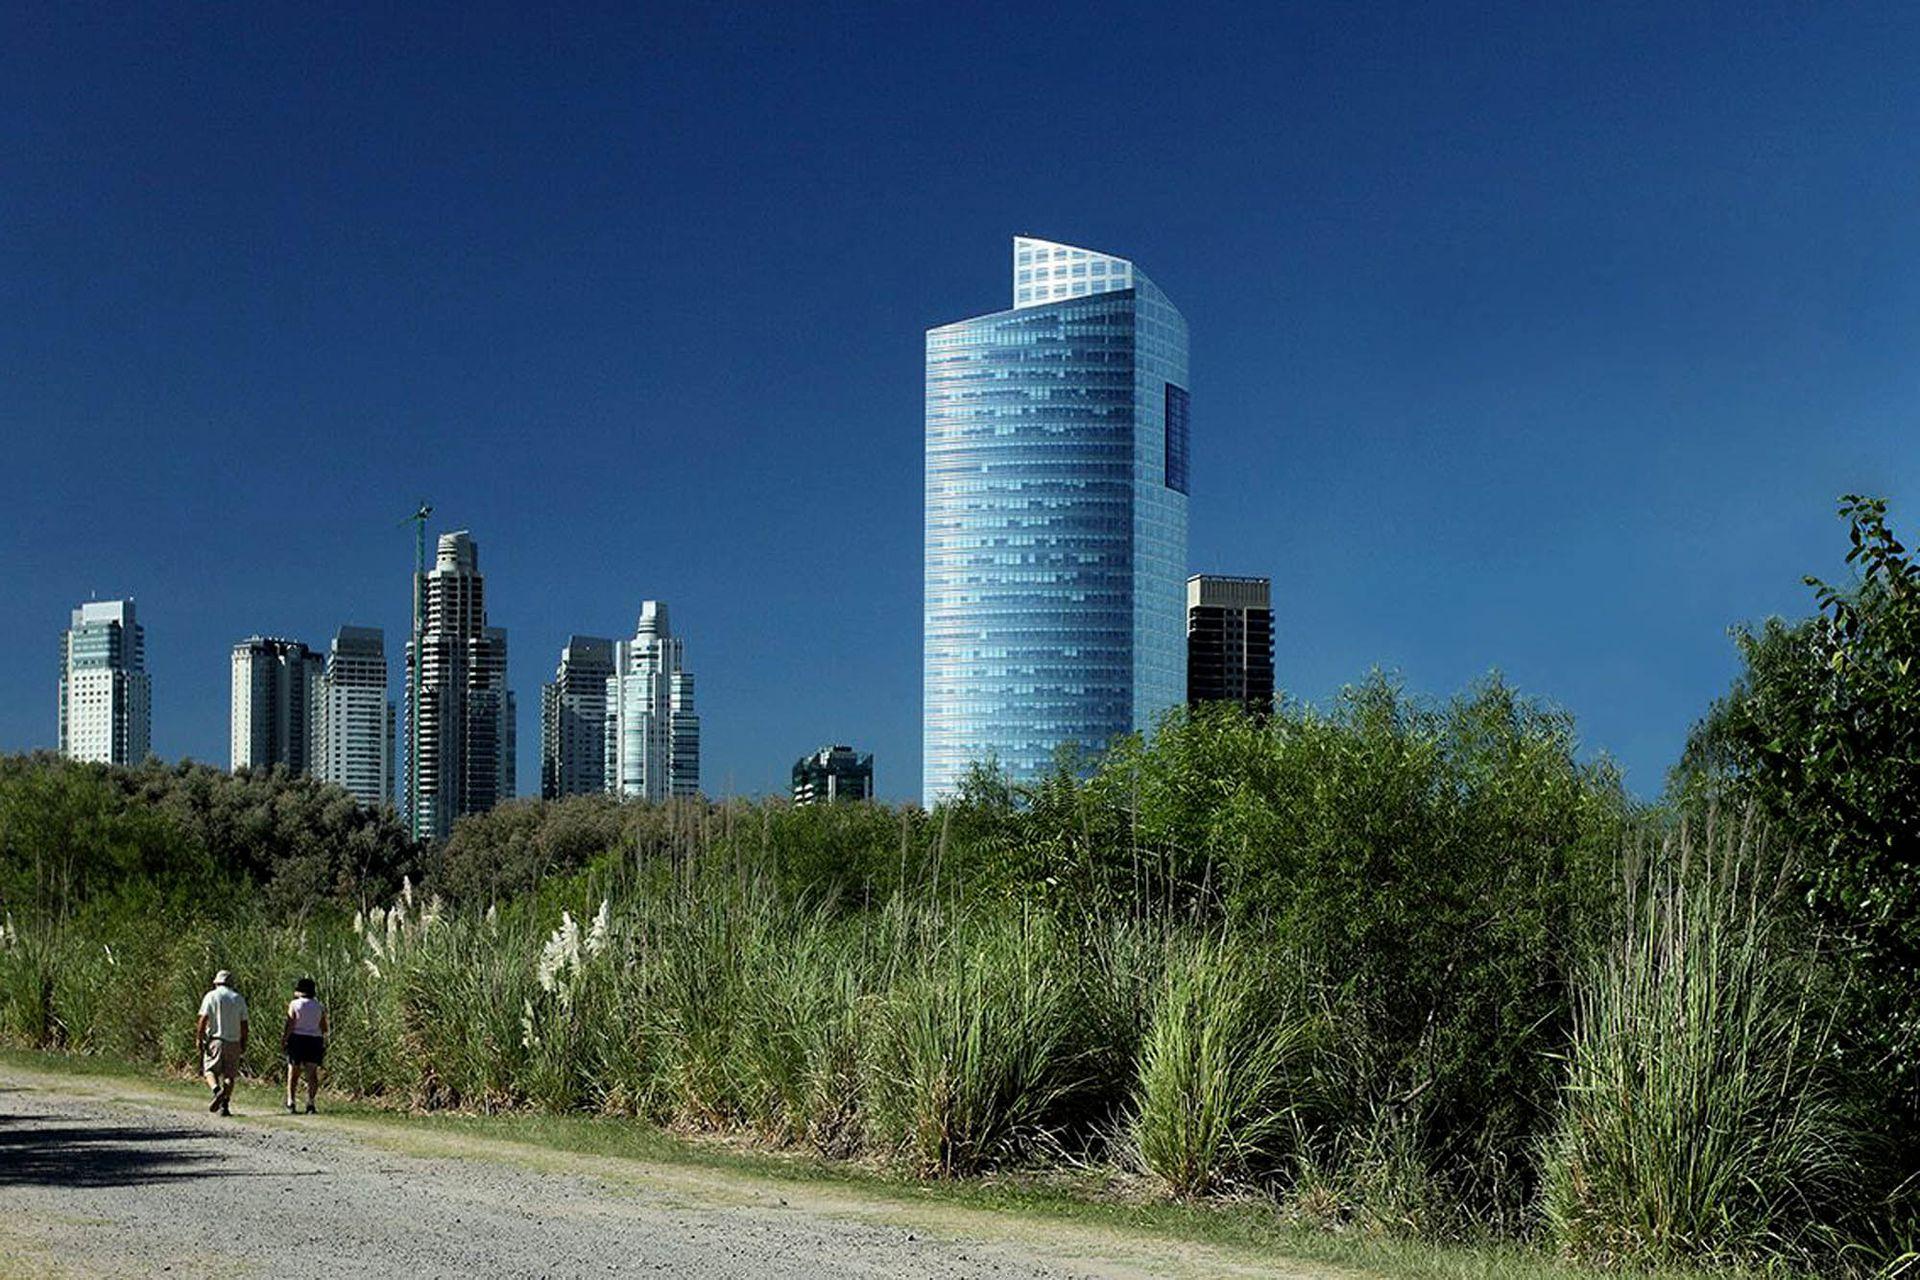 La torre YPF-Repsol en Buenos Aires